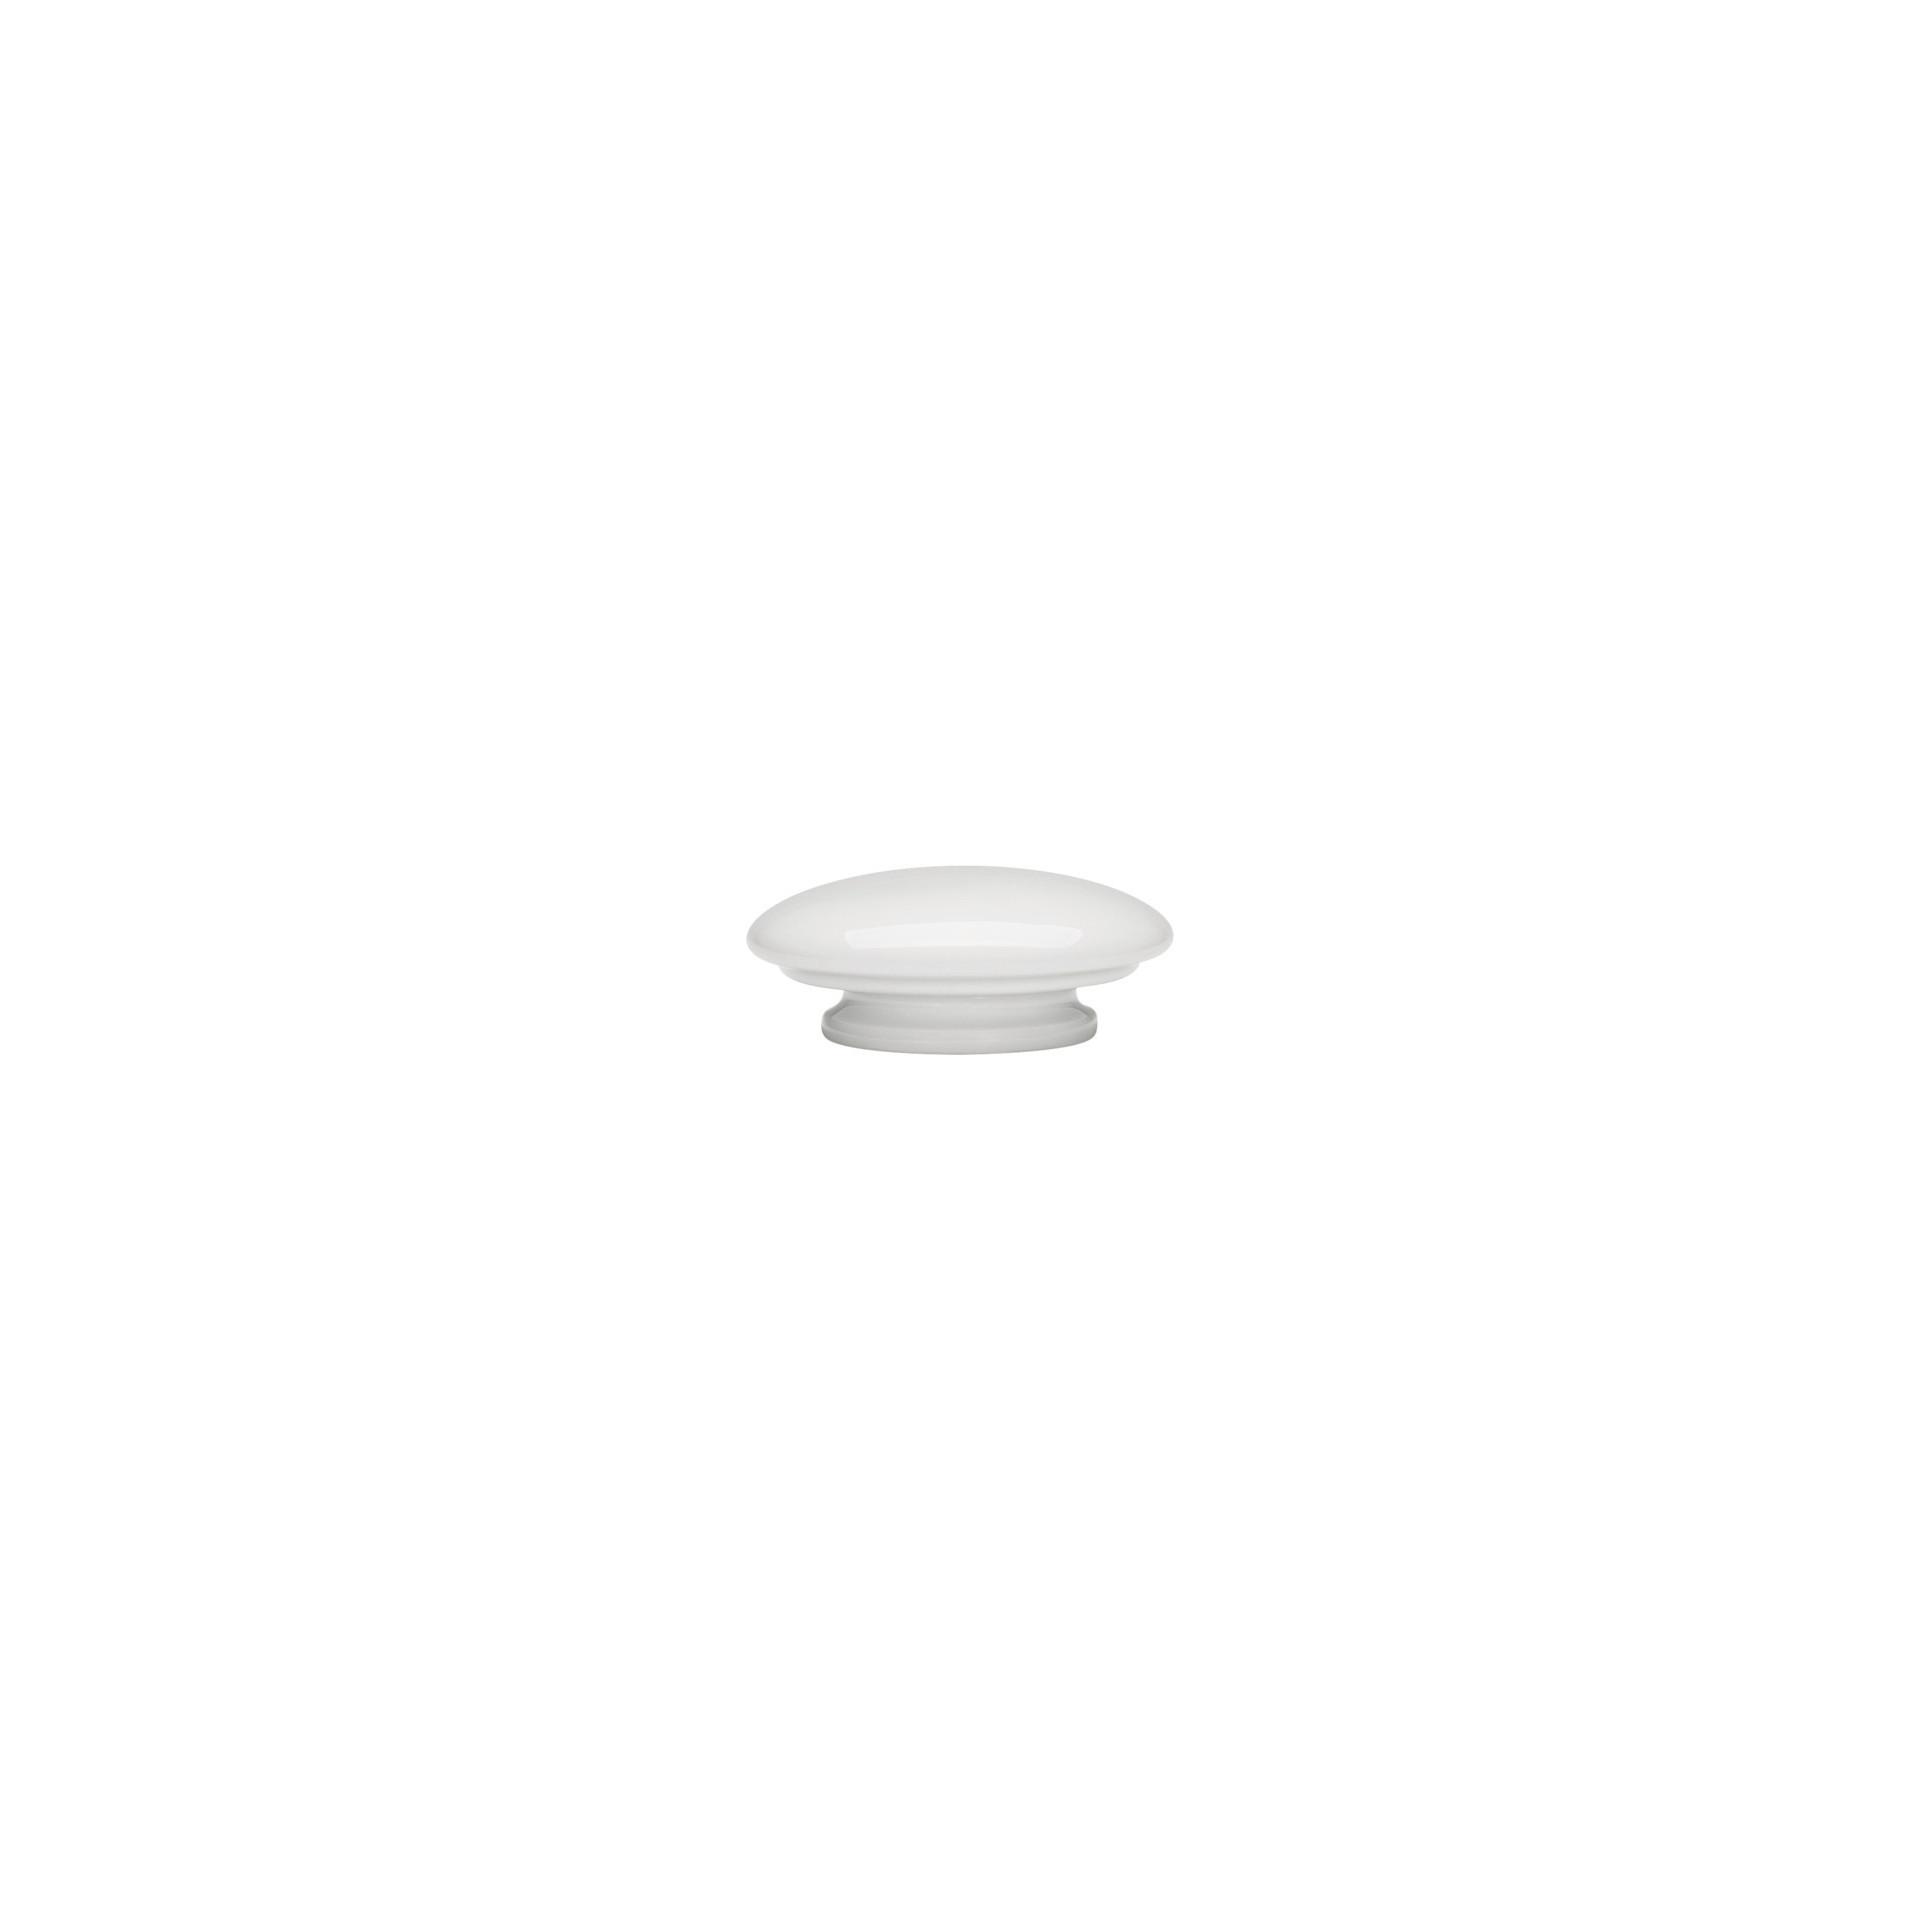 Dimension, Deckel ø 73 mm für 0,35 l Teekanne